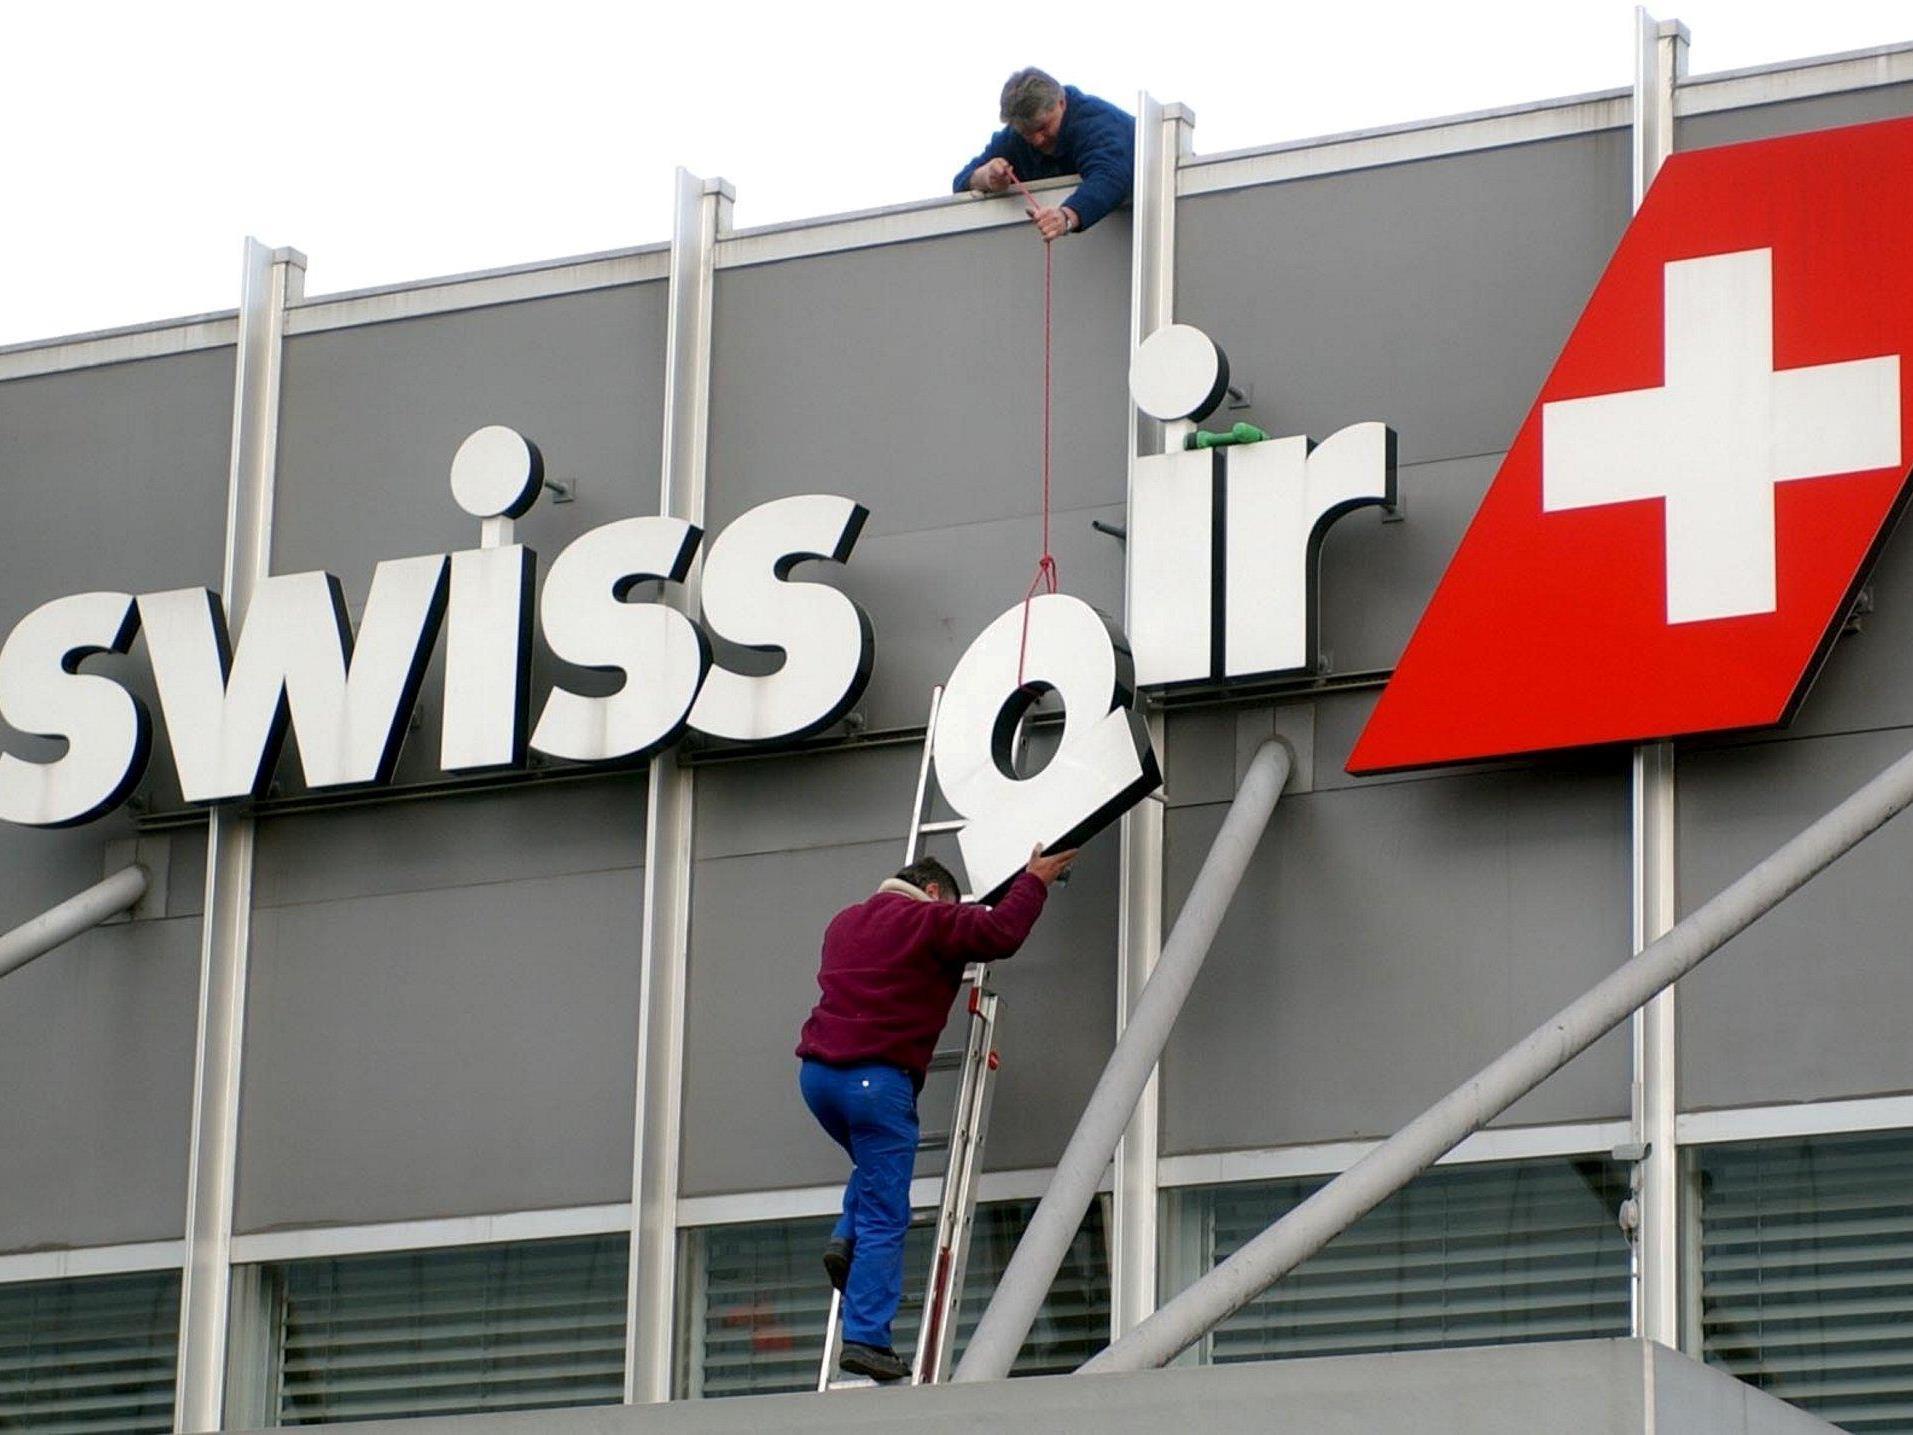 Grounding: Österreich-Niederlassung 13 Jahre nach Swissair-Debakel in Konkurs.